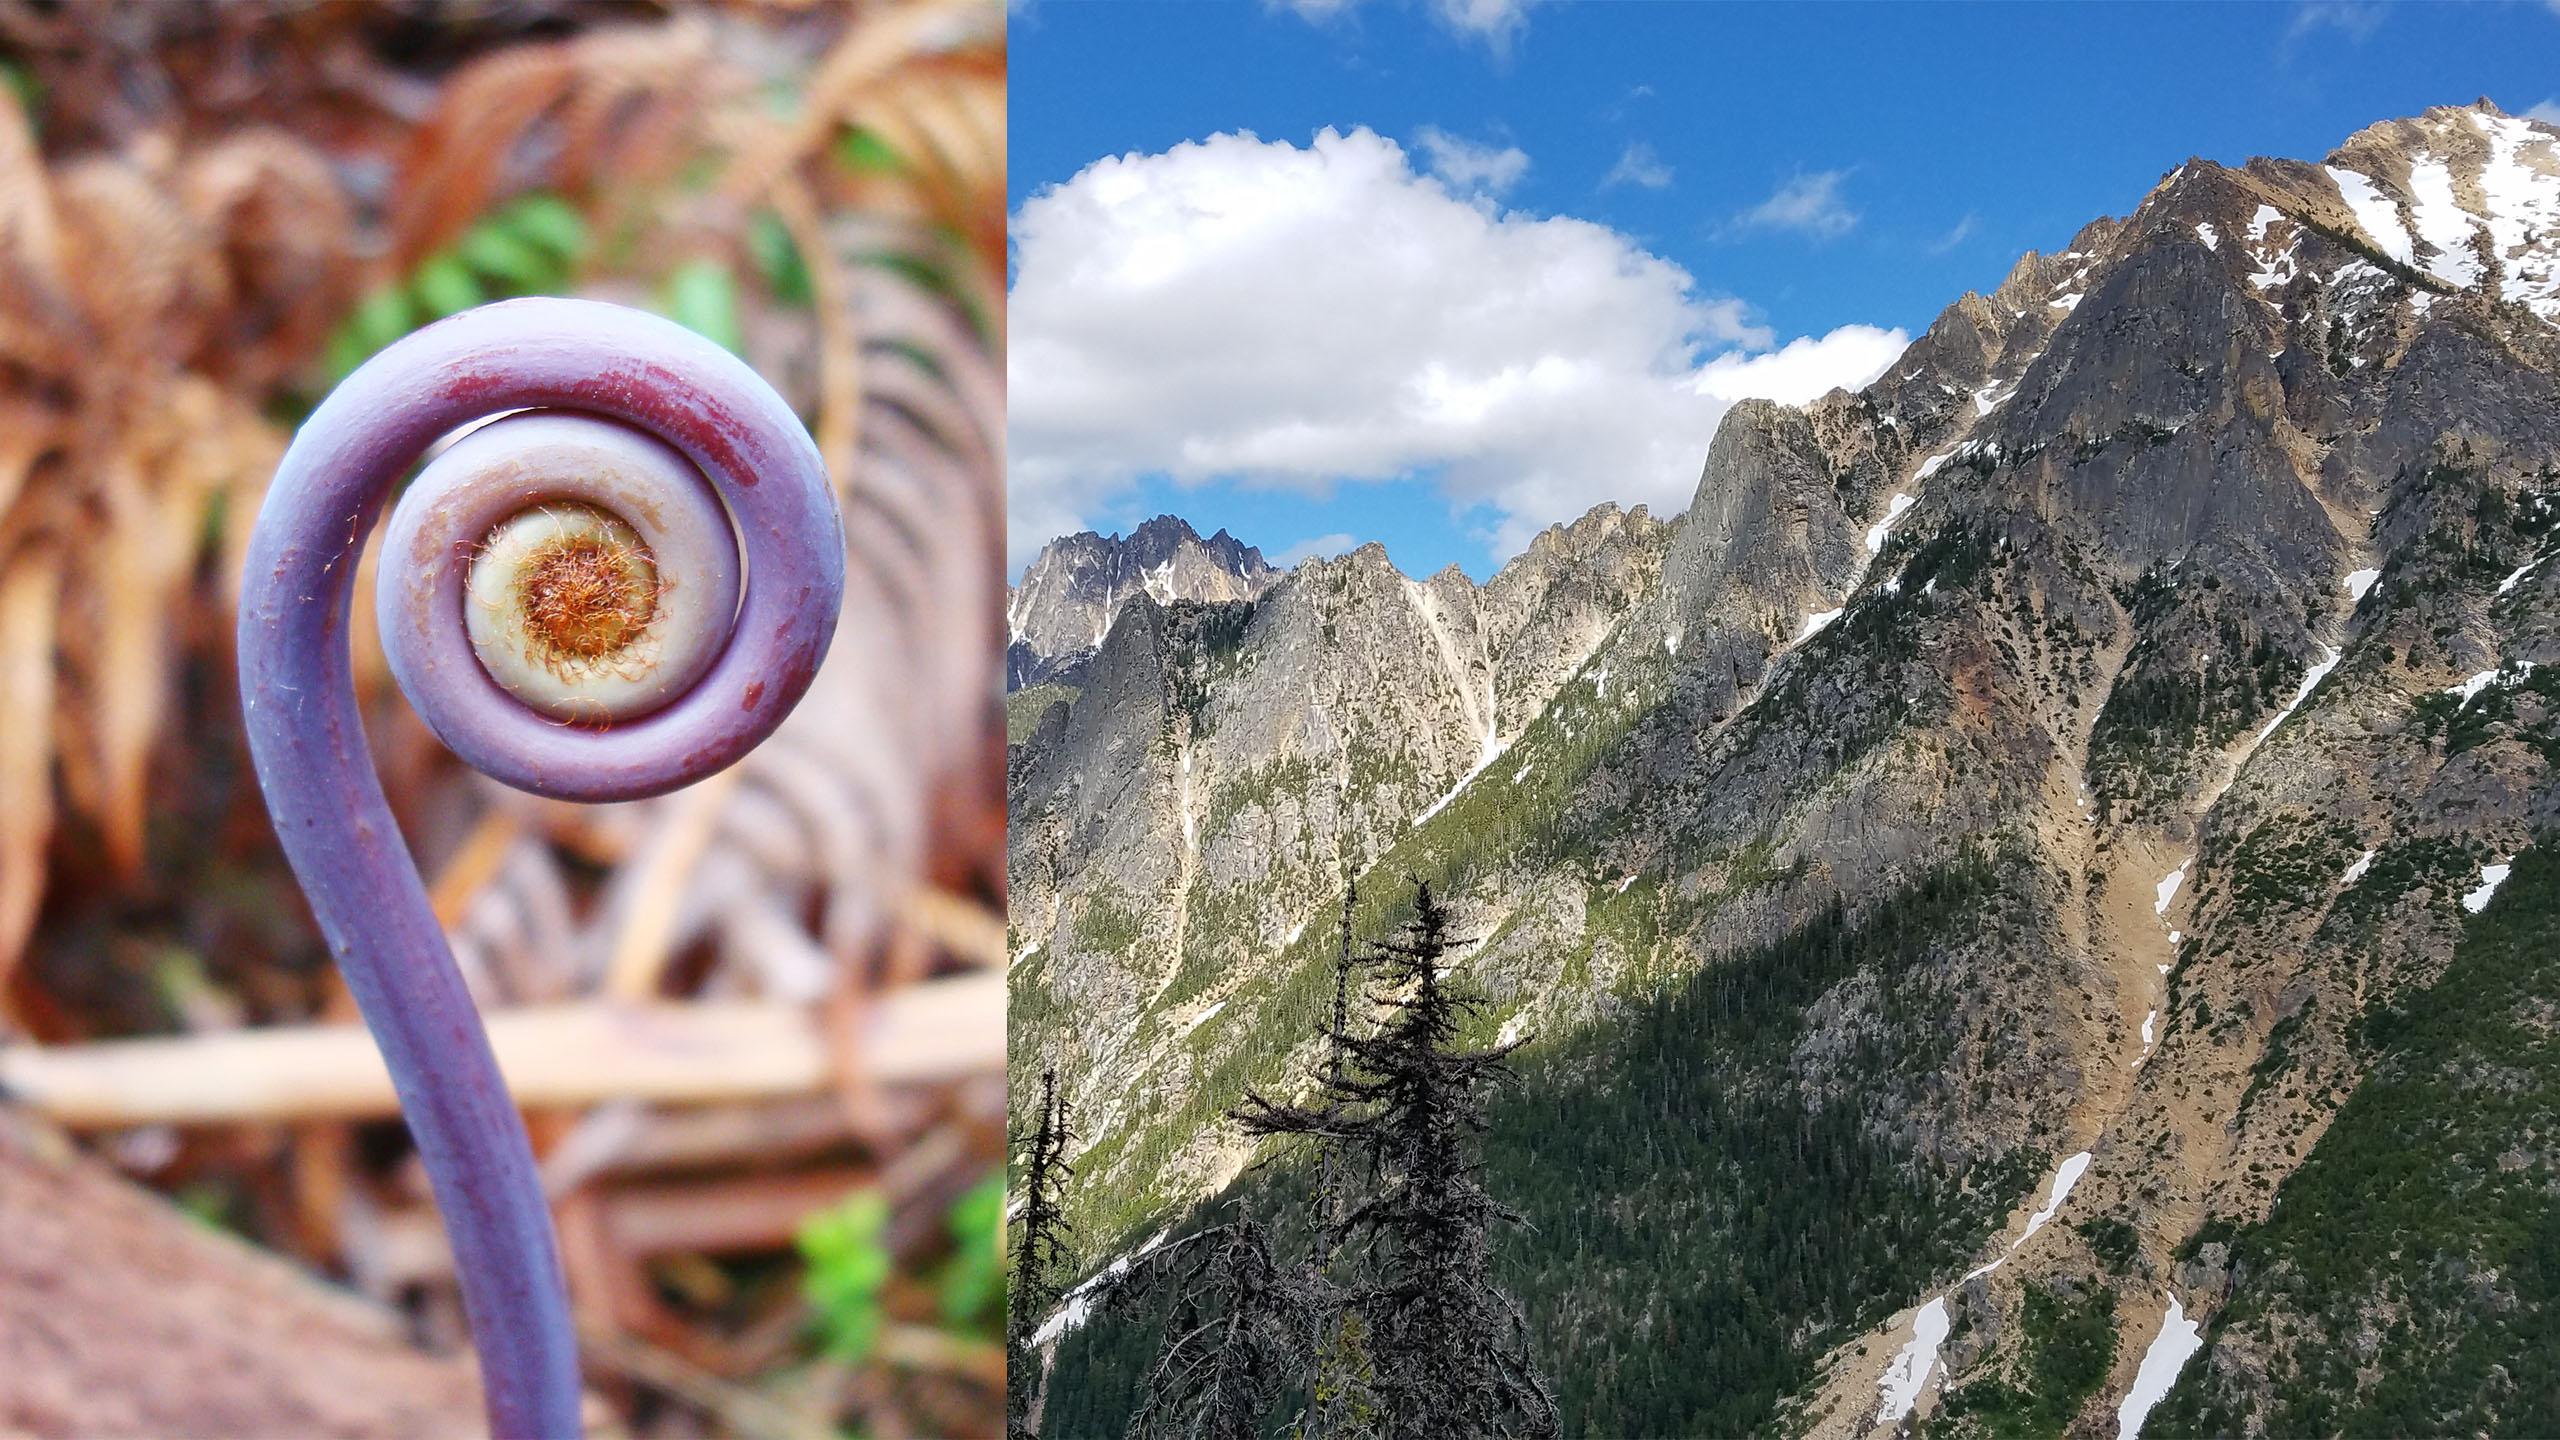 Understanding depth of field in nature photography